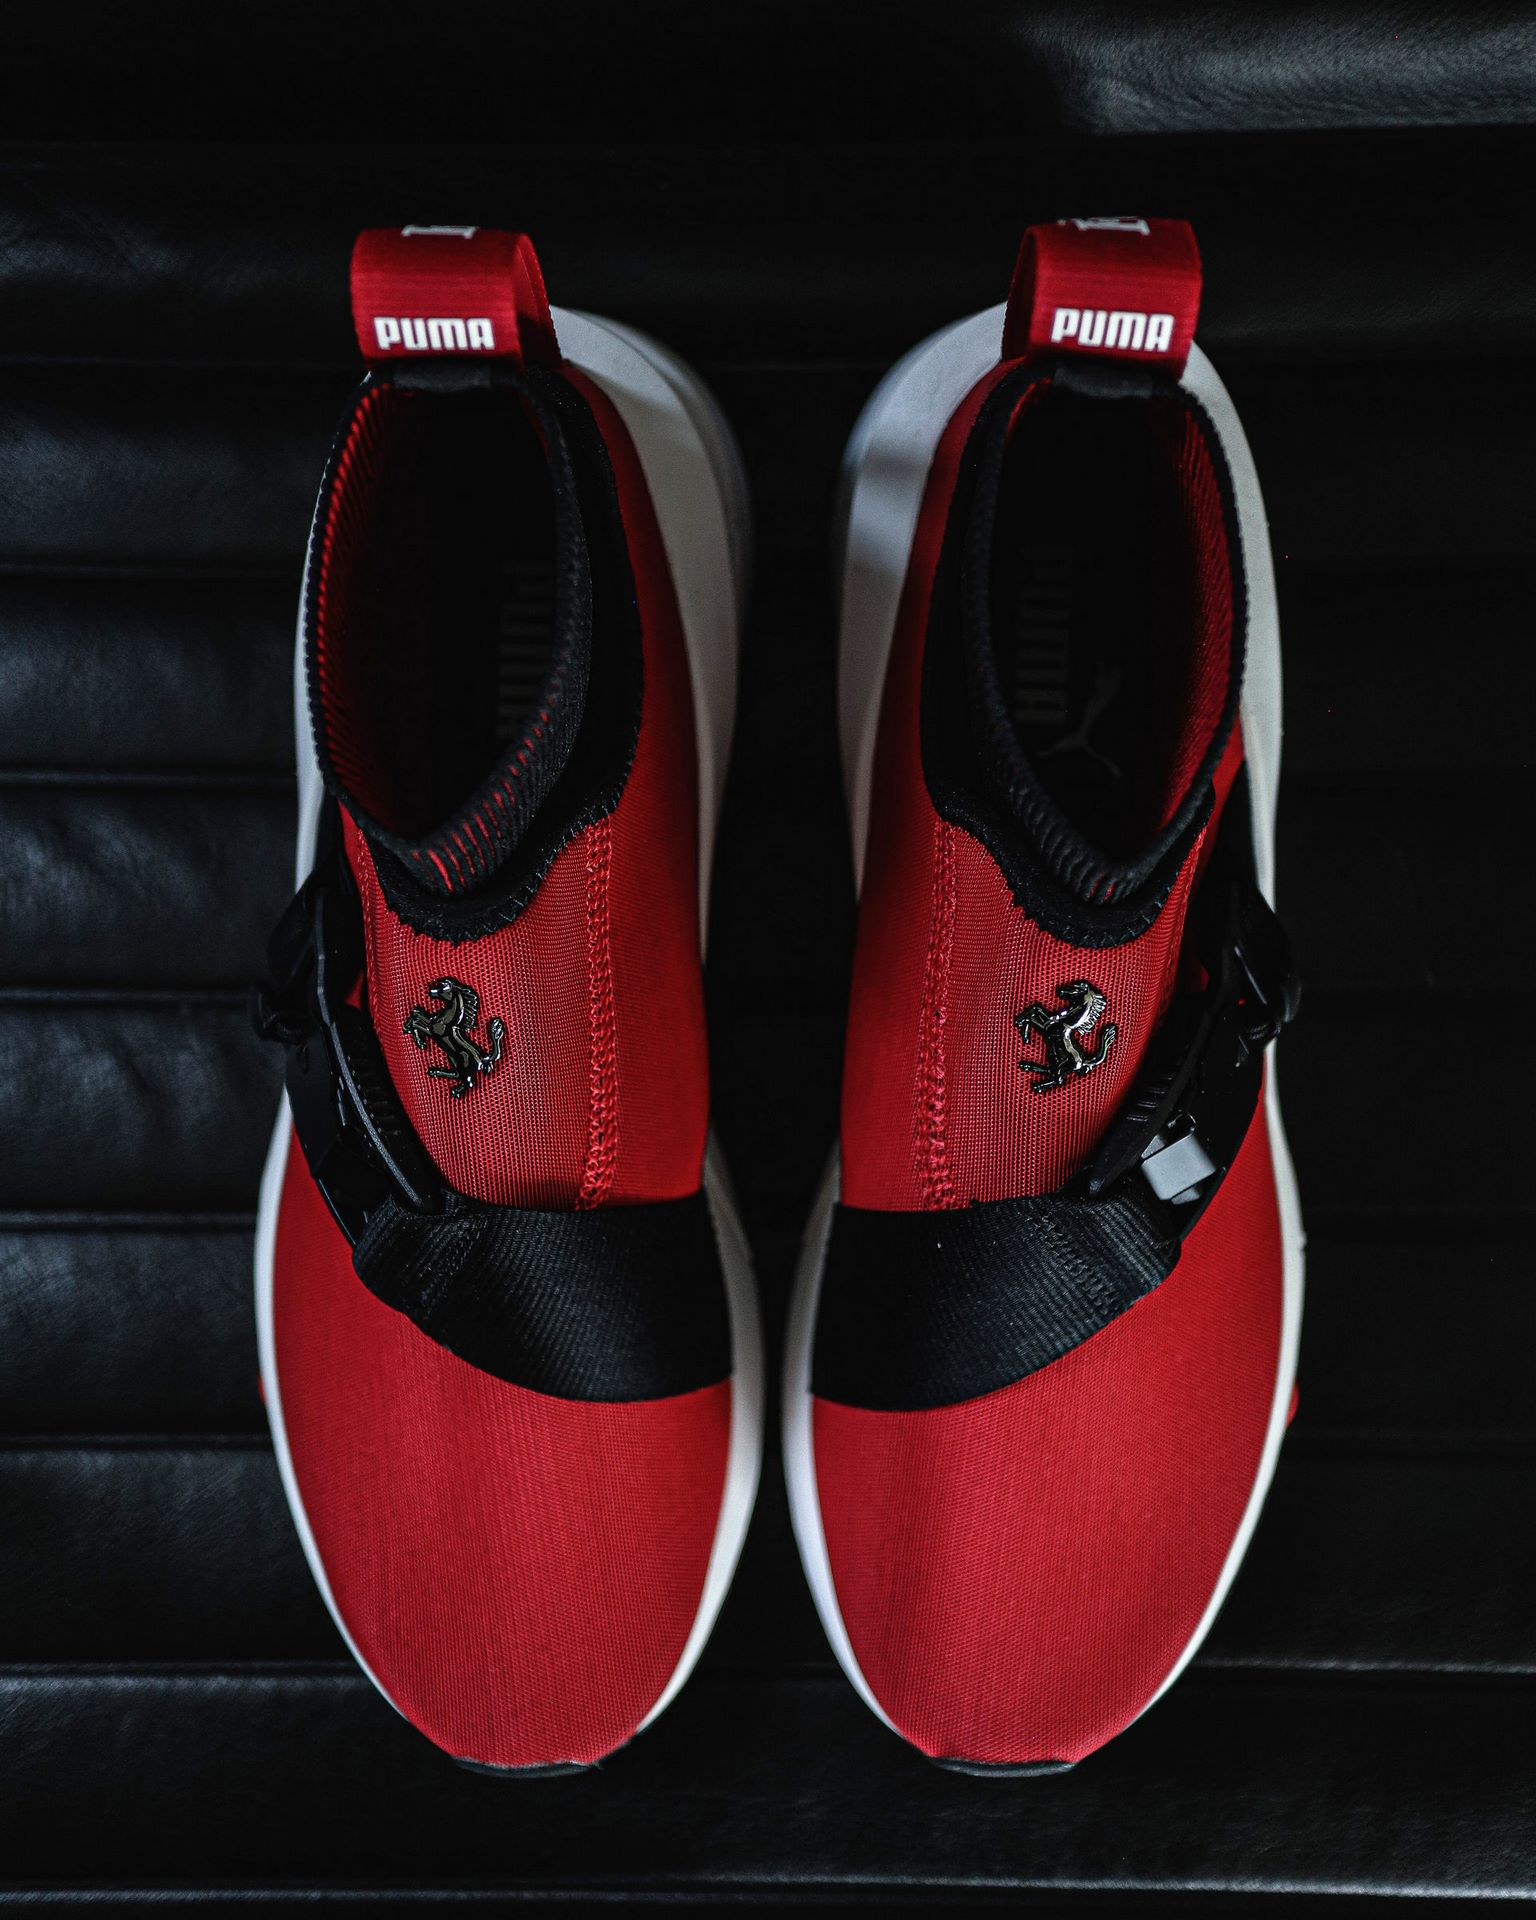 Puma-x-Ferrari-ION-F-Sneakers-7